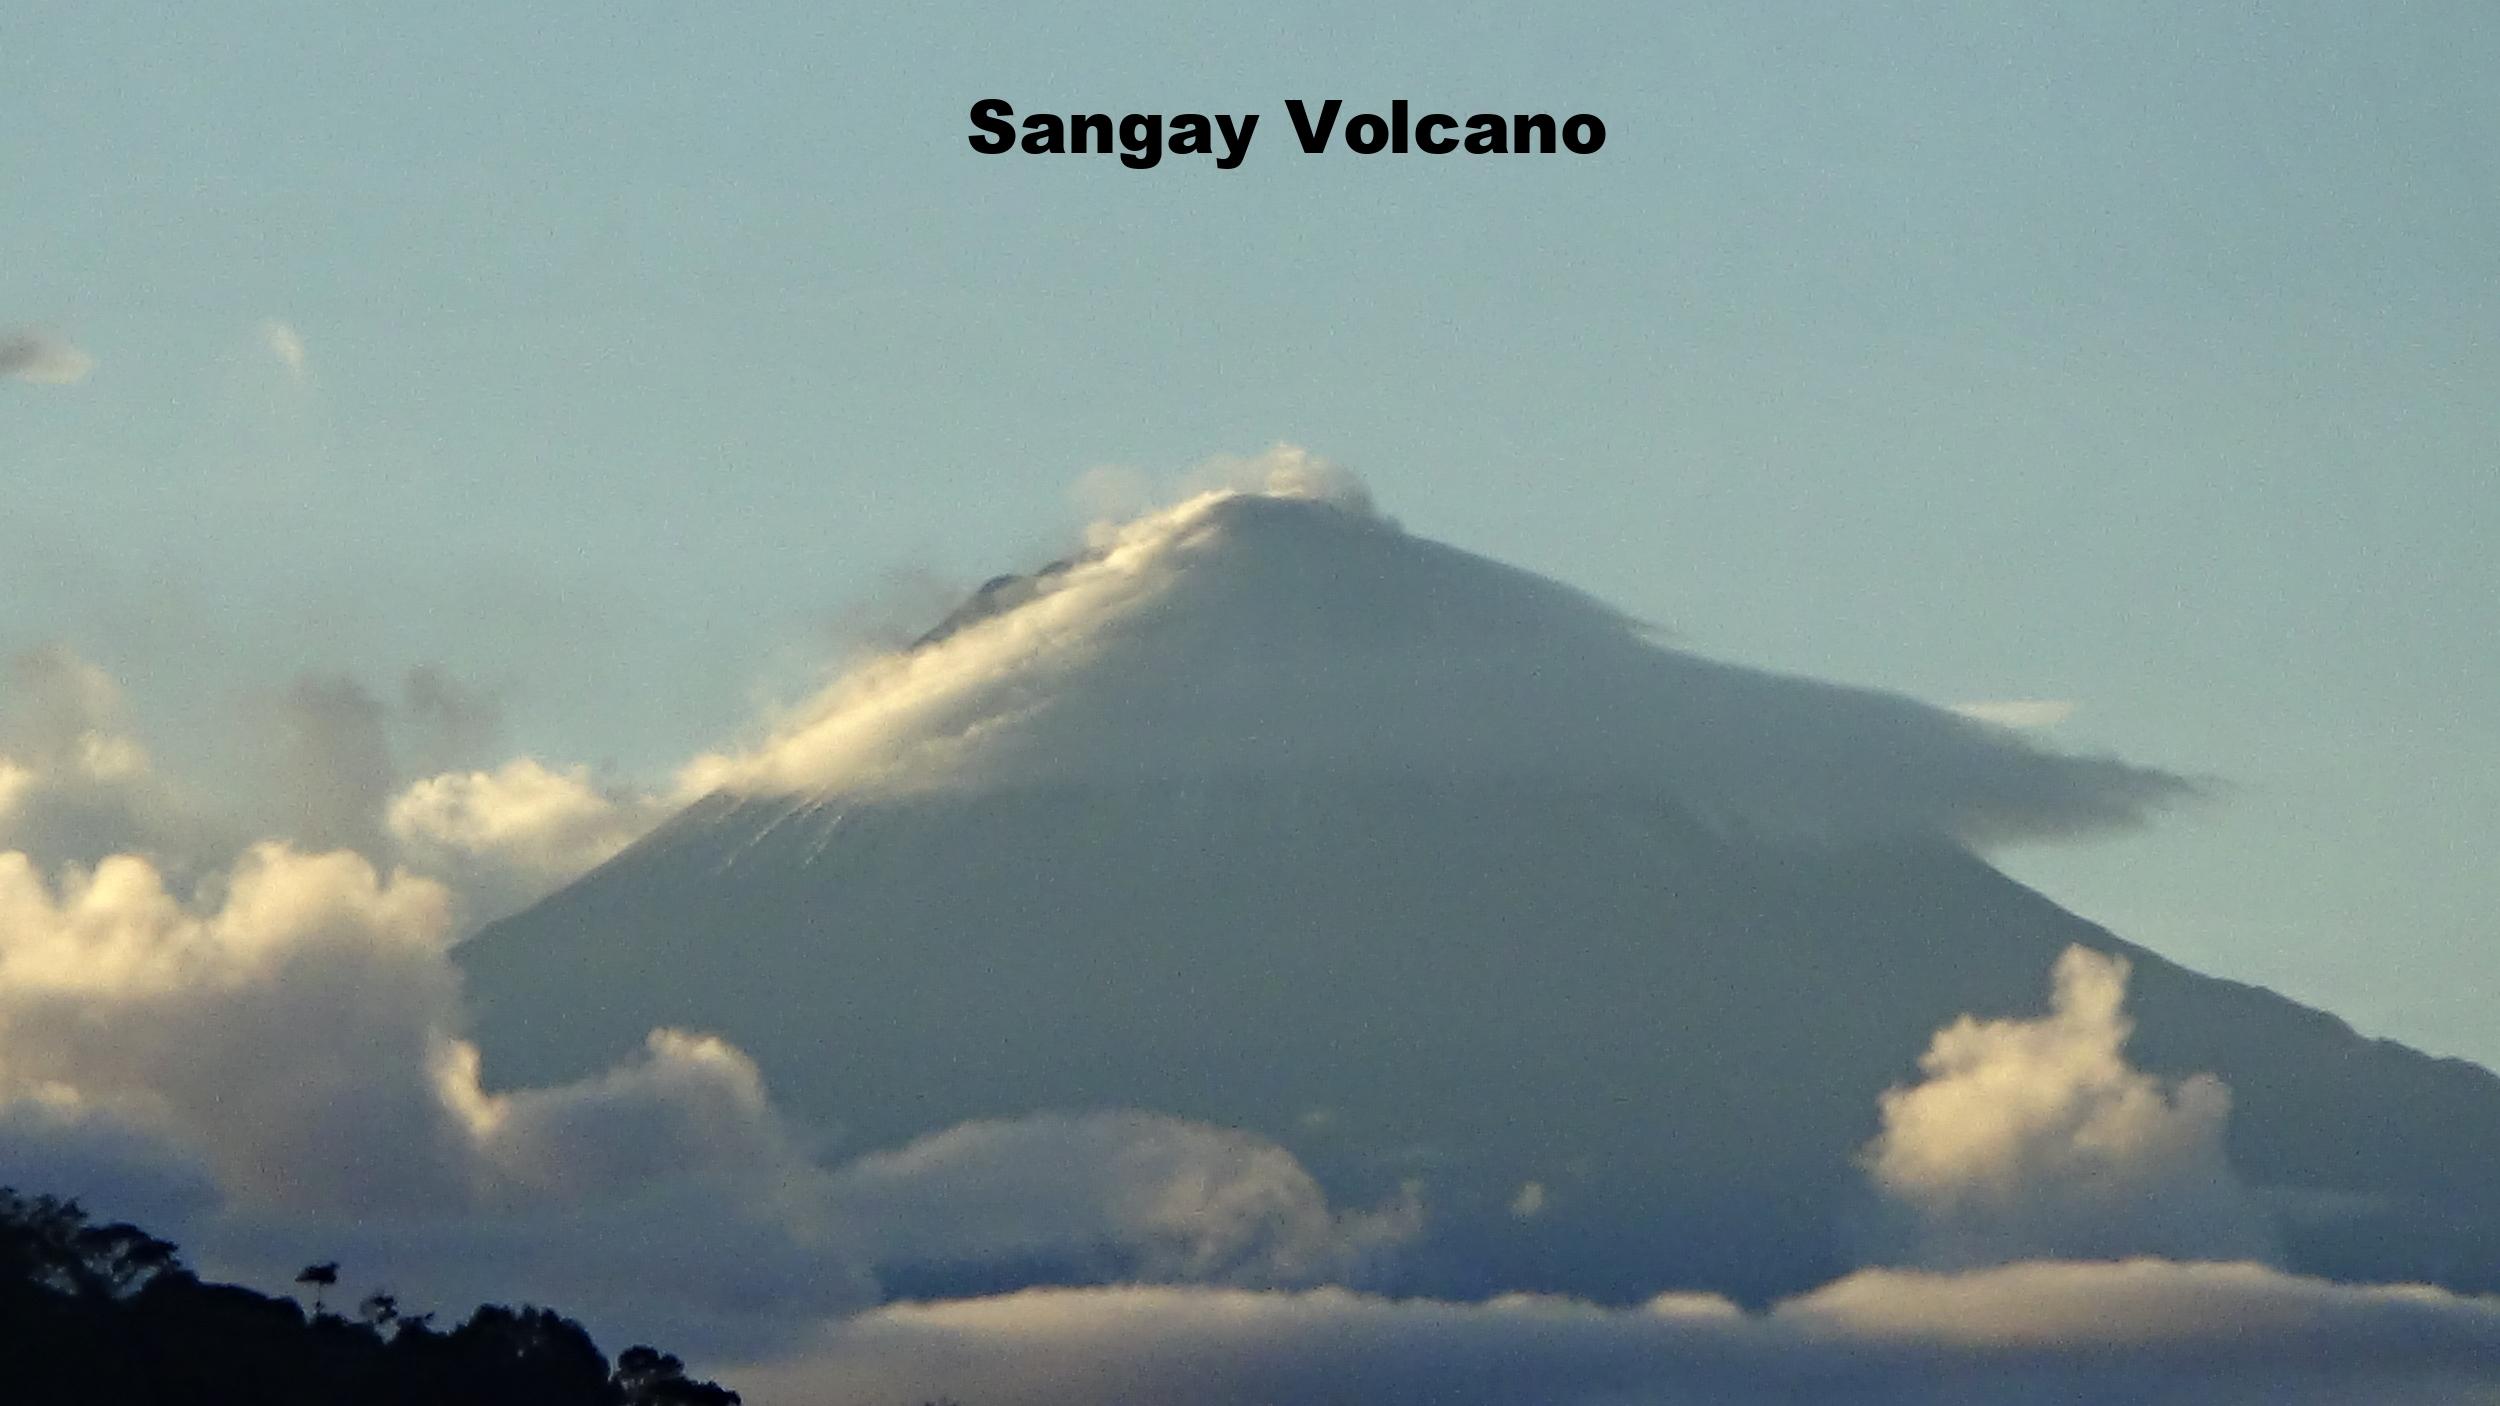 Active Sungay Volcano